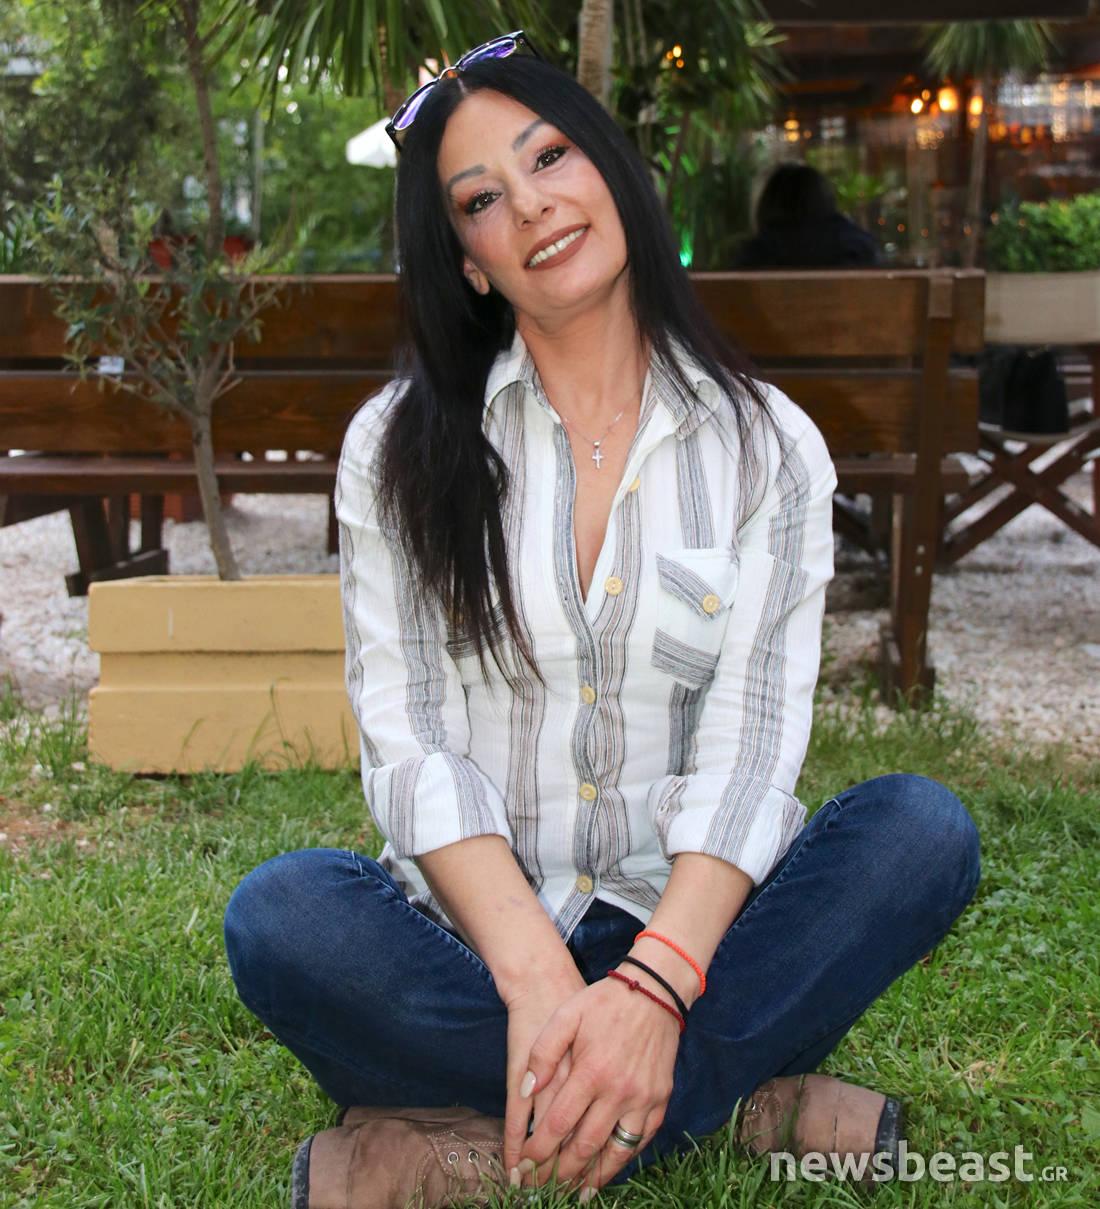 Η κόρη του Βαγγέλη Ρωχάμη μιλάει για τον πατέρα της